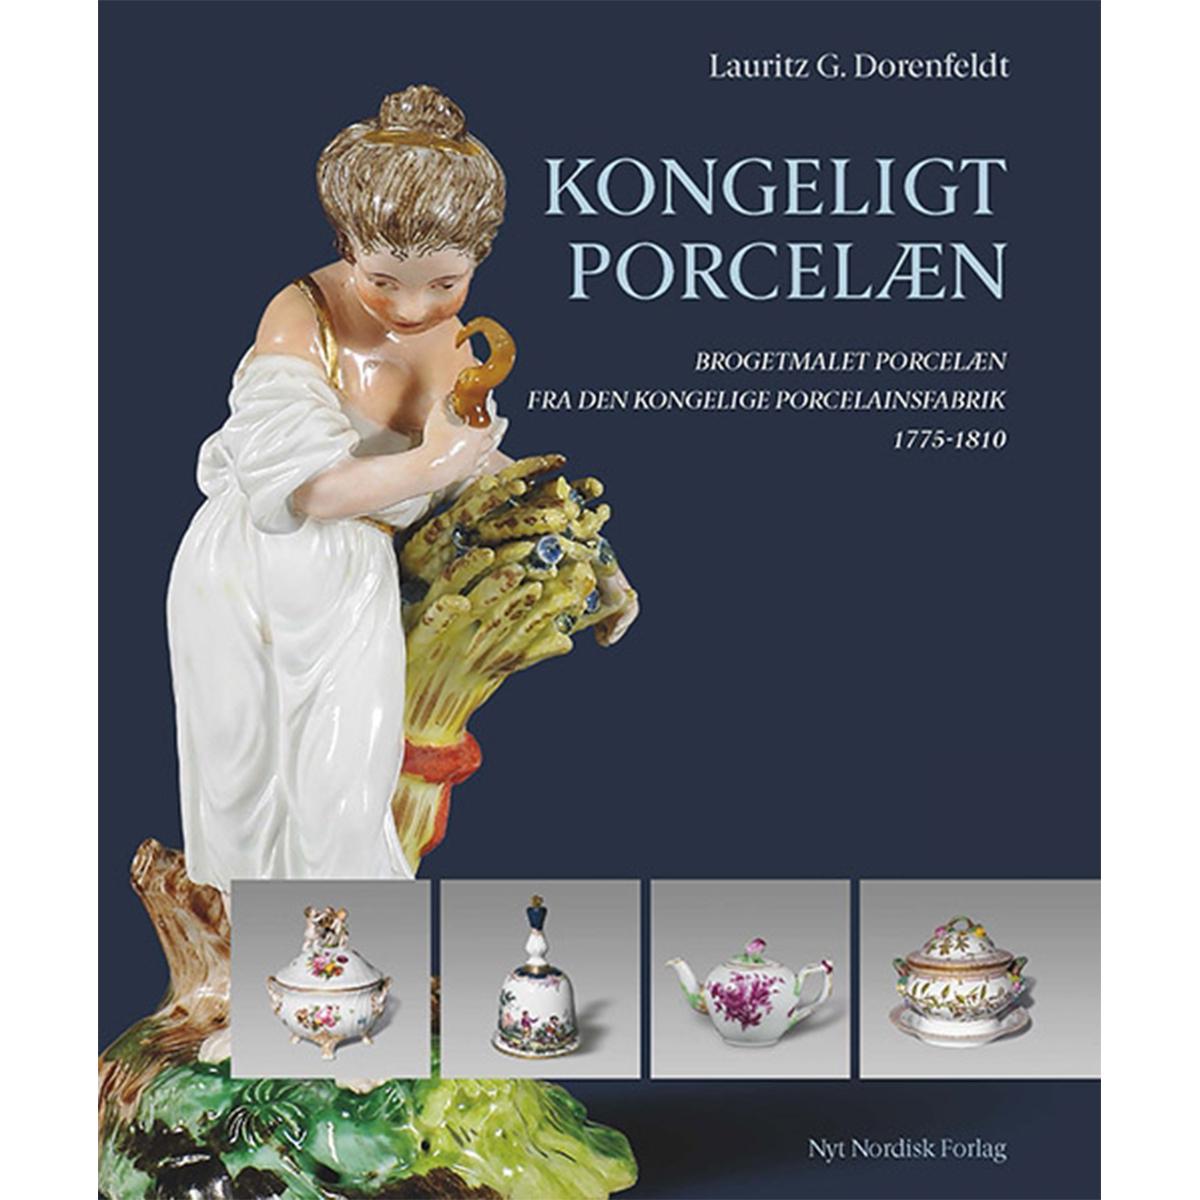 Billede af Kongeligt porcelæn - Indbundet